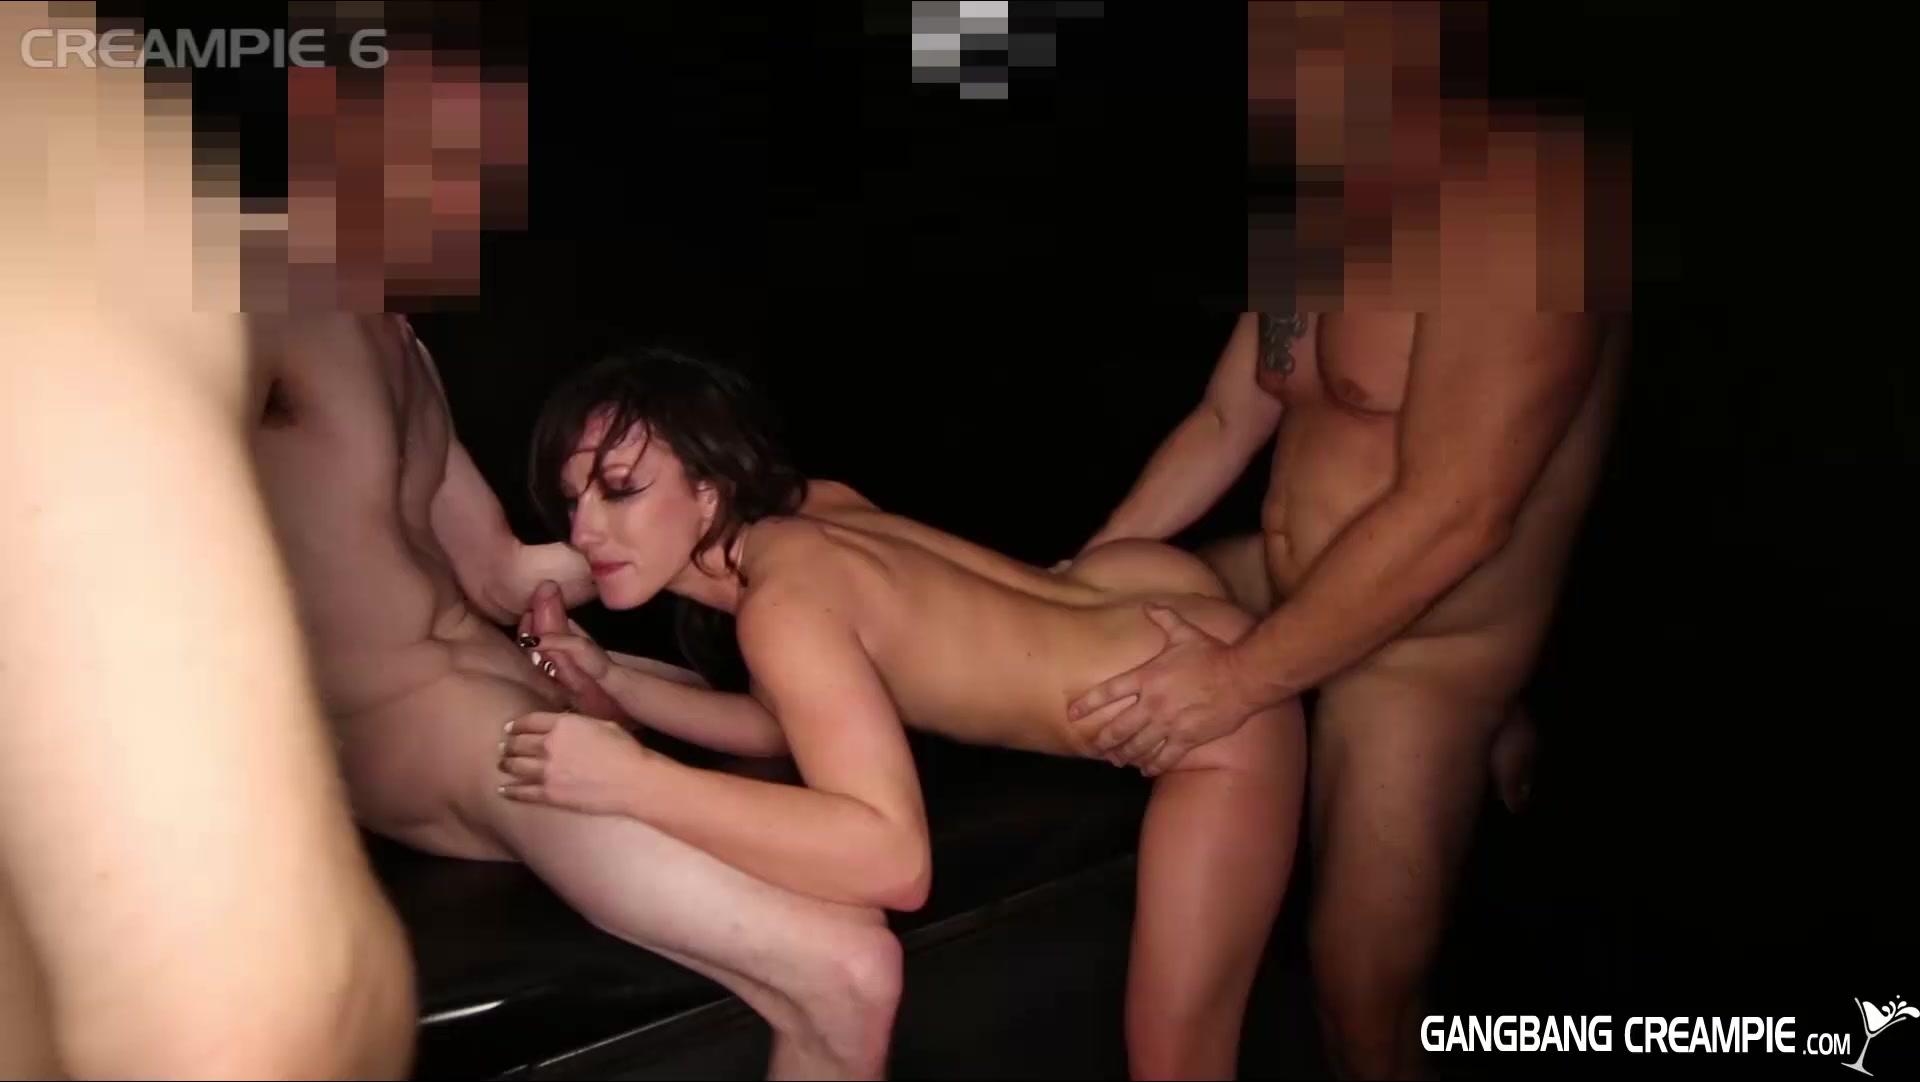 Useful czech gangbang free porn seems remarkable